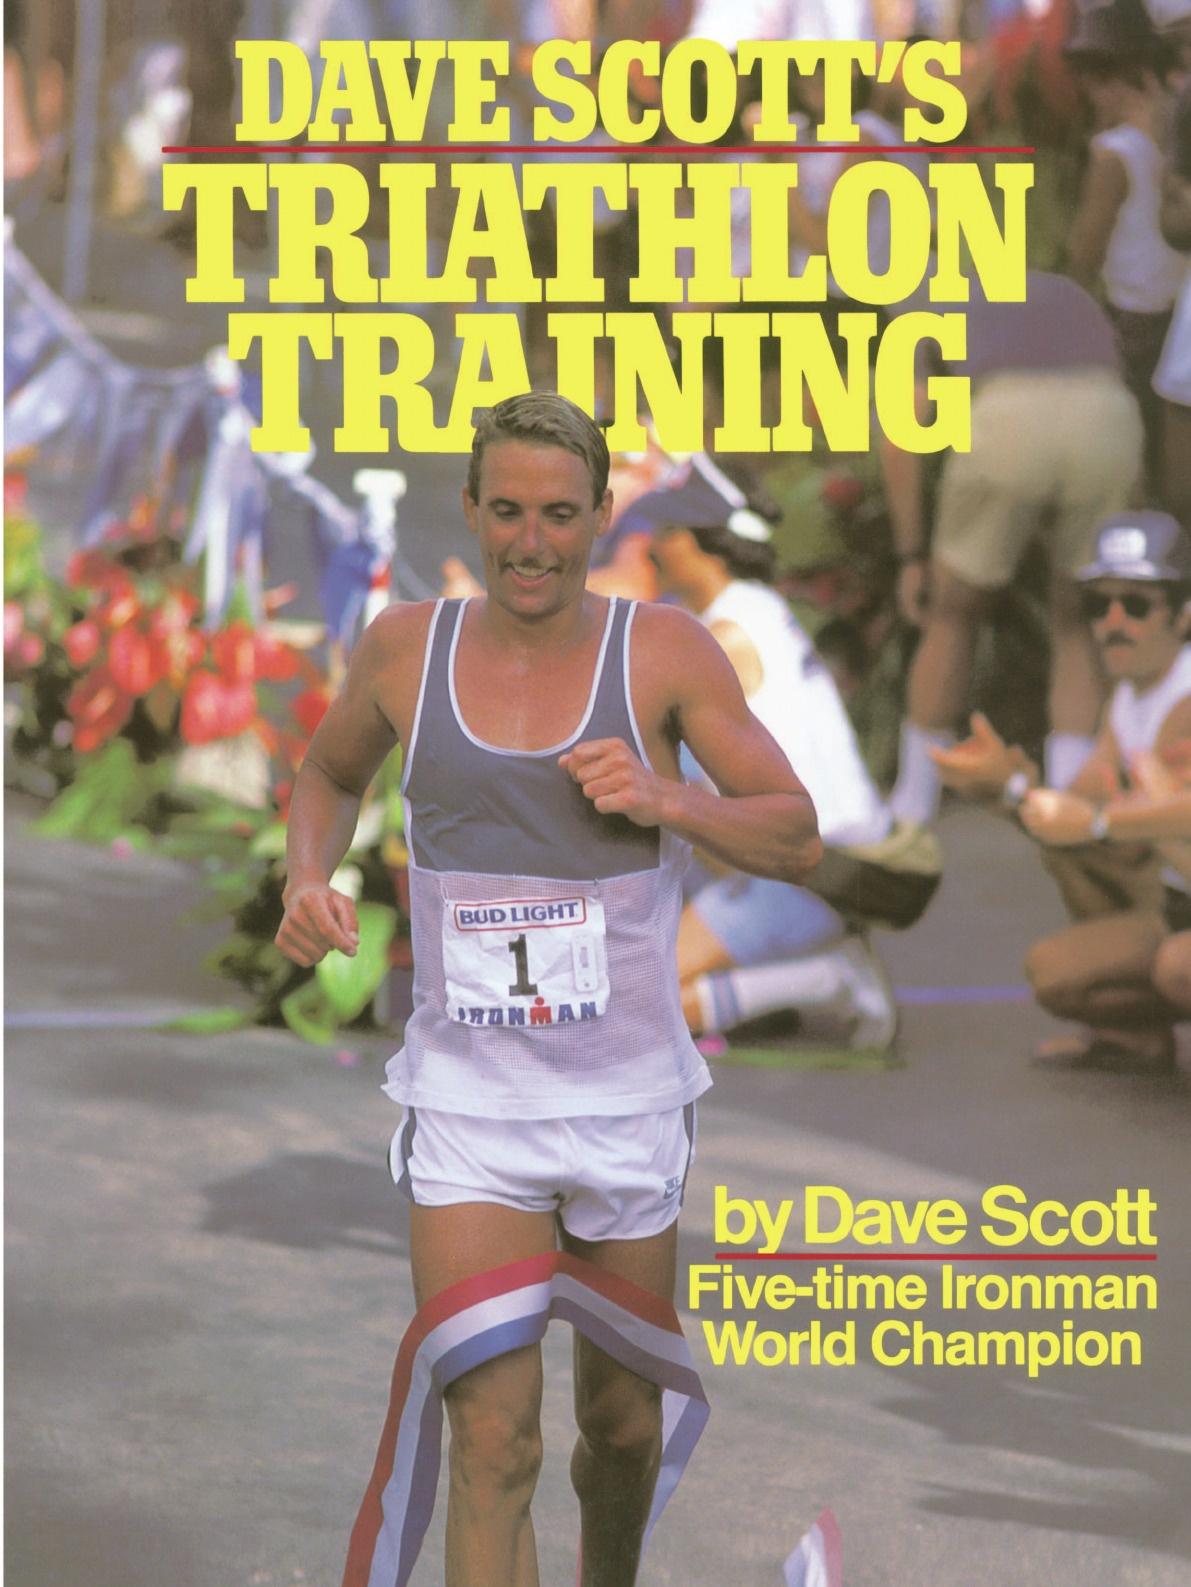 Dave Scott, William L. Scott Dave Scott's Triathlon Training william l wlac01bcorcn